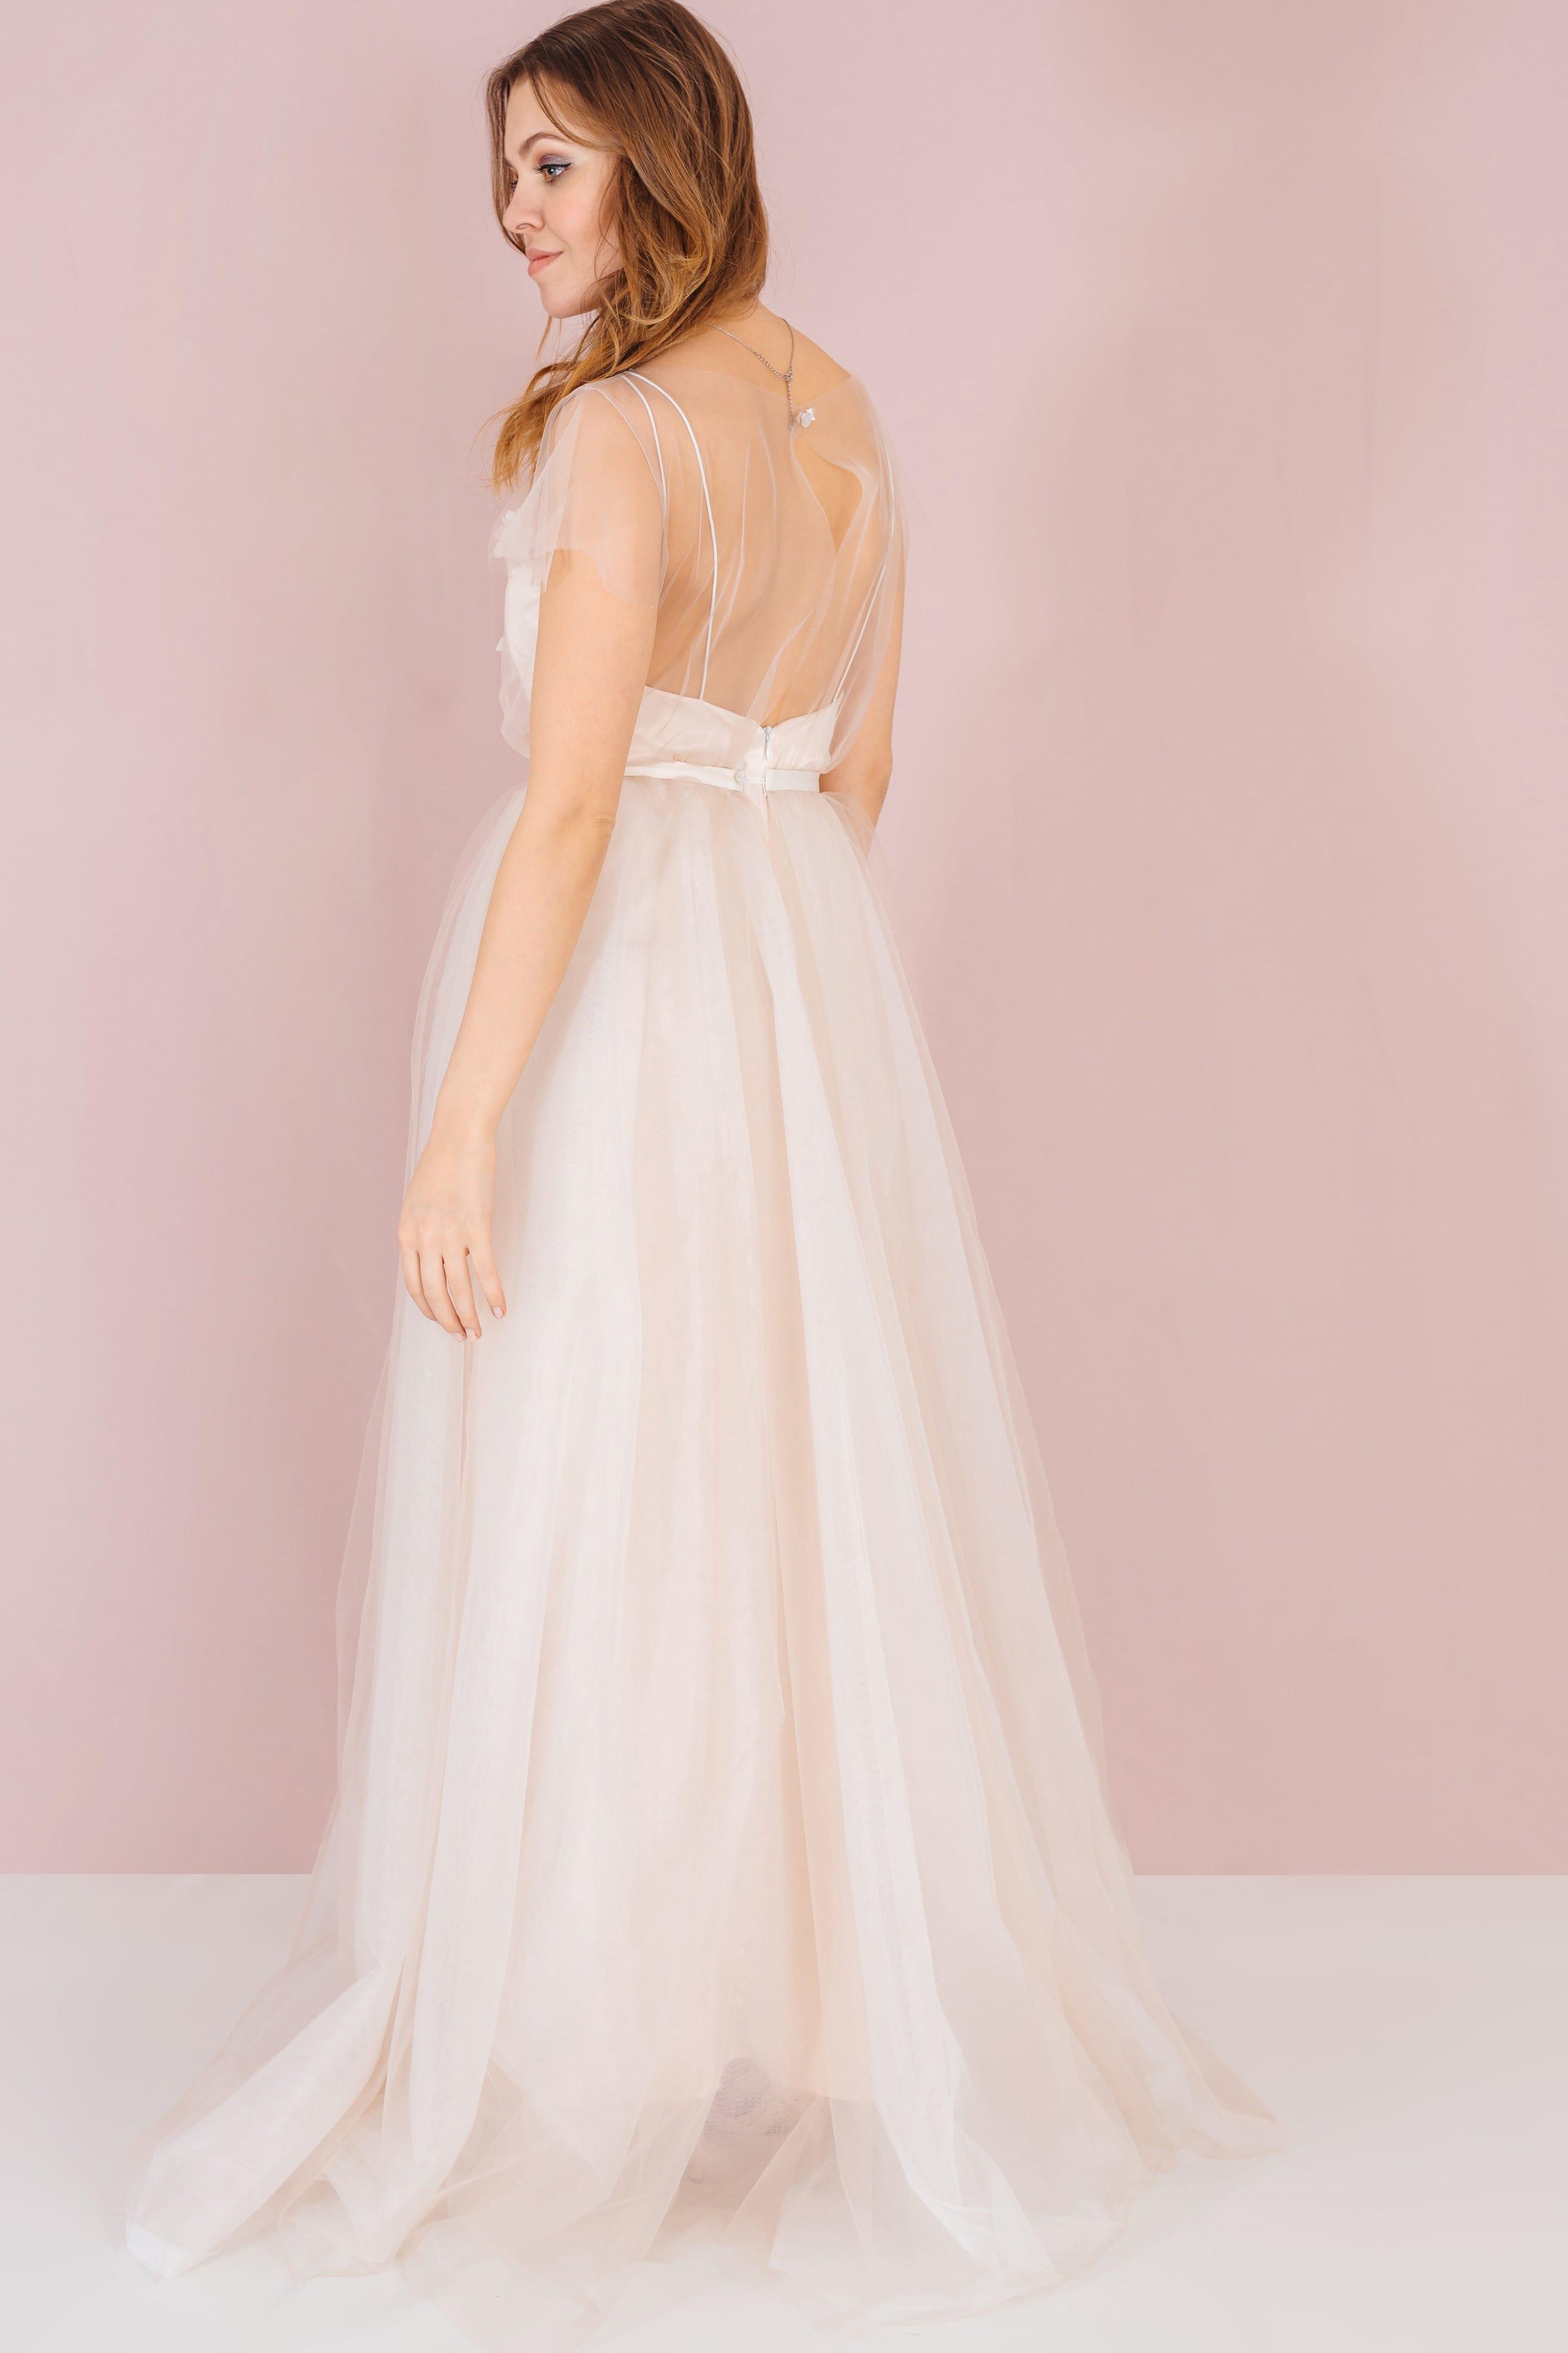 Свадебное платье ALISA, коллекция LOFT, бренд RARE BRIDAL, фото 3